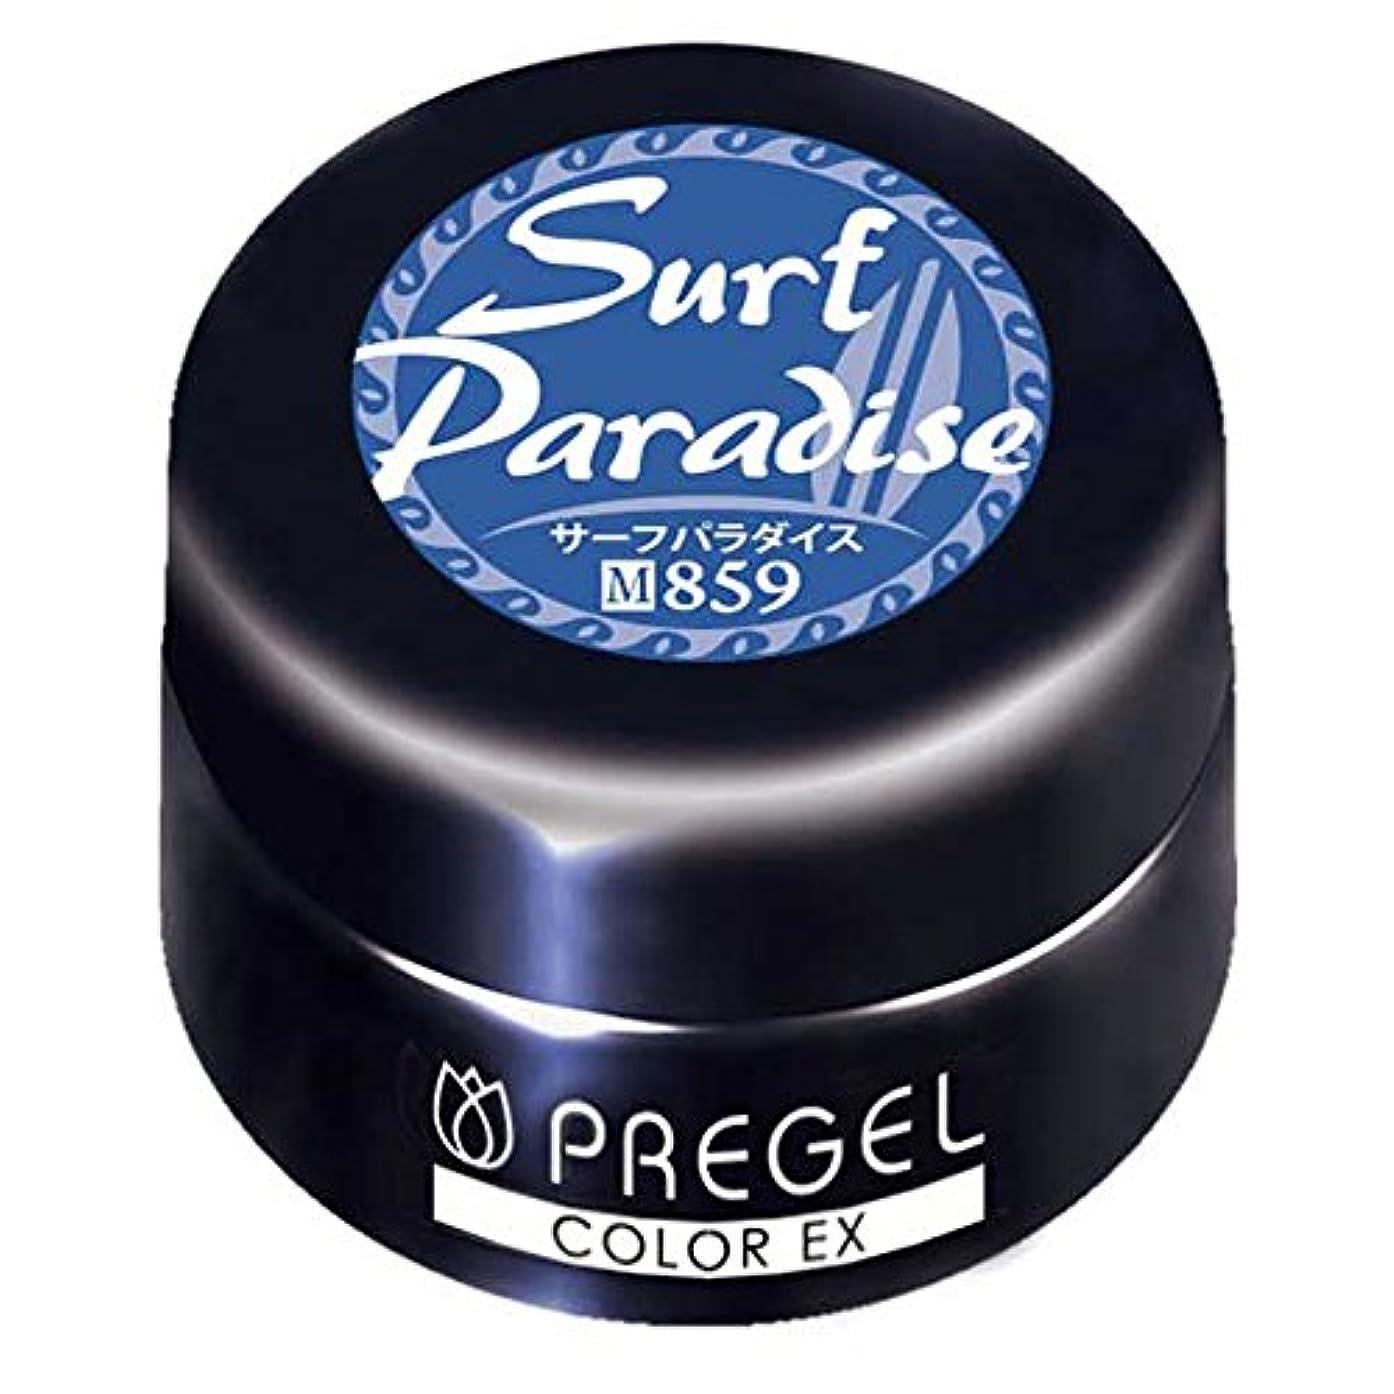 に騒ぎ目の前のPRE GEL カラーEX サーフパラダイス 859 3g UV/LED対応